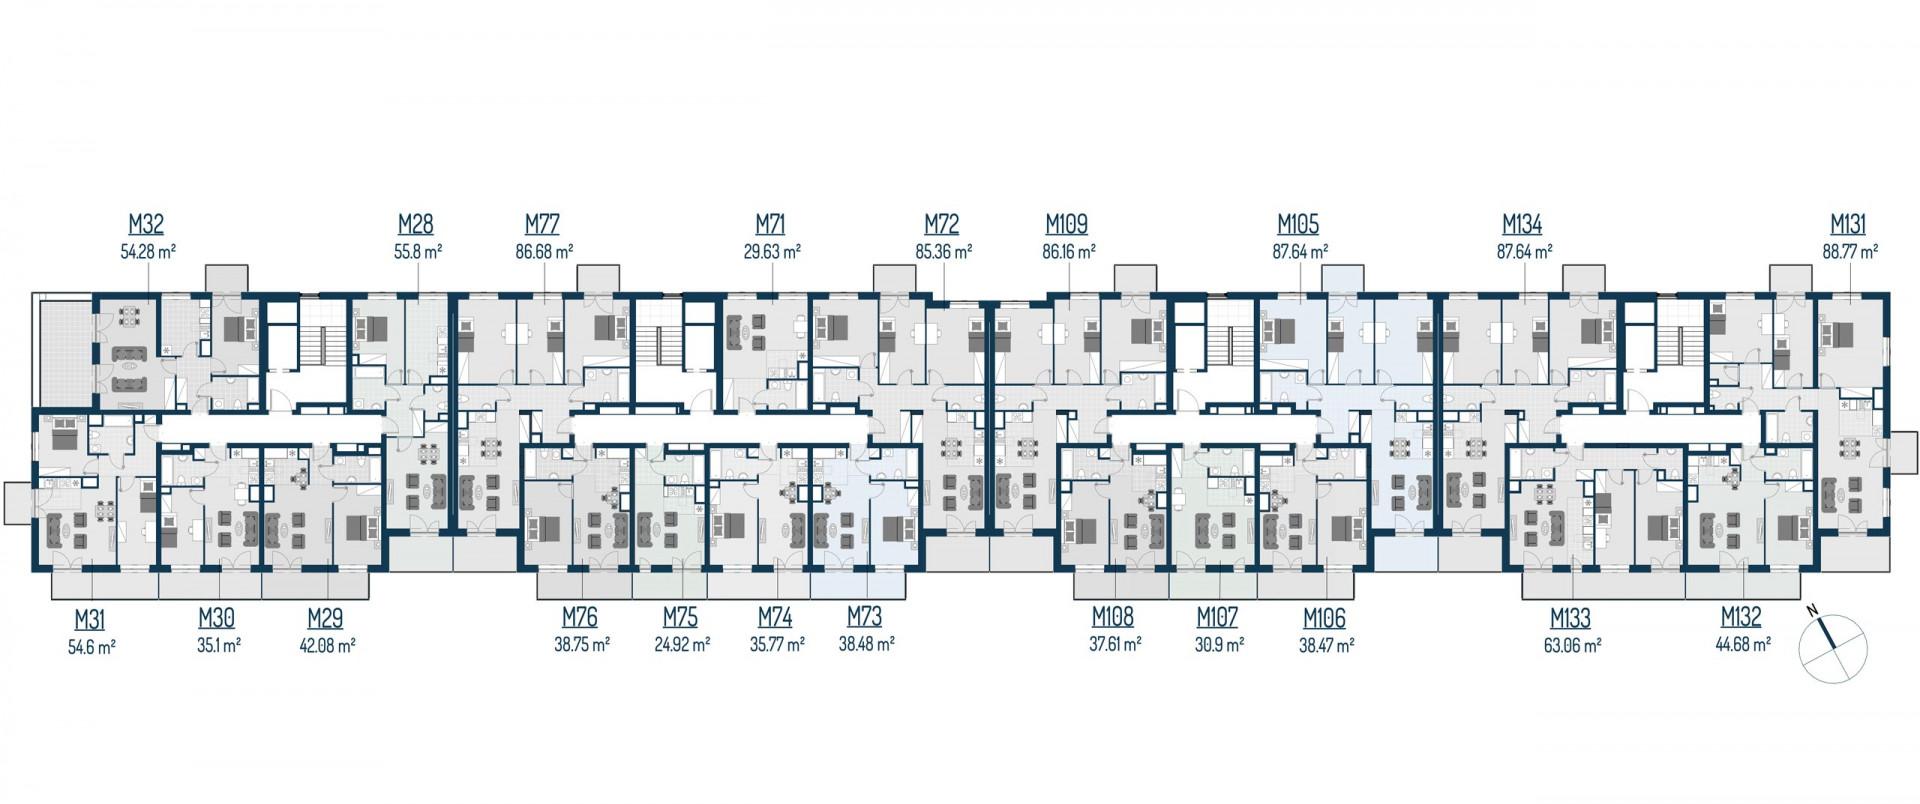 Zdrowe Stylove / budynek 2 / mieszkanie nr 131 rzut 2